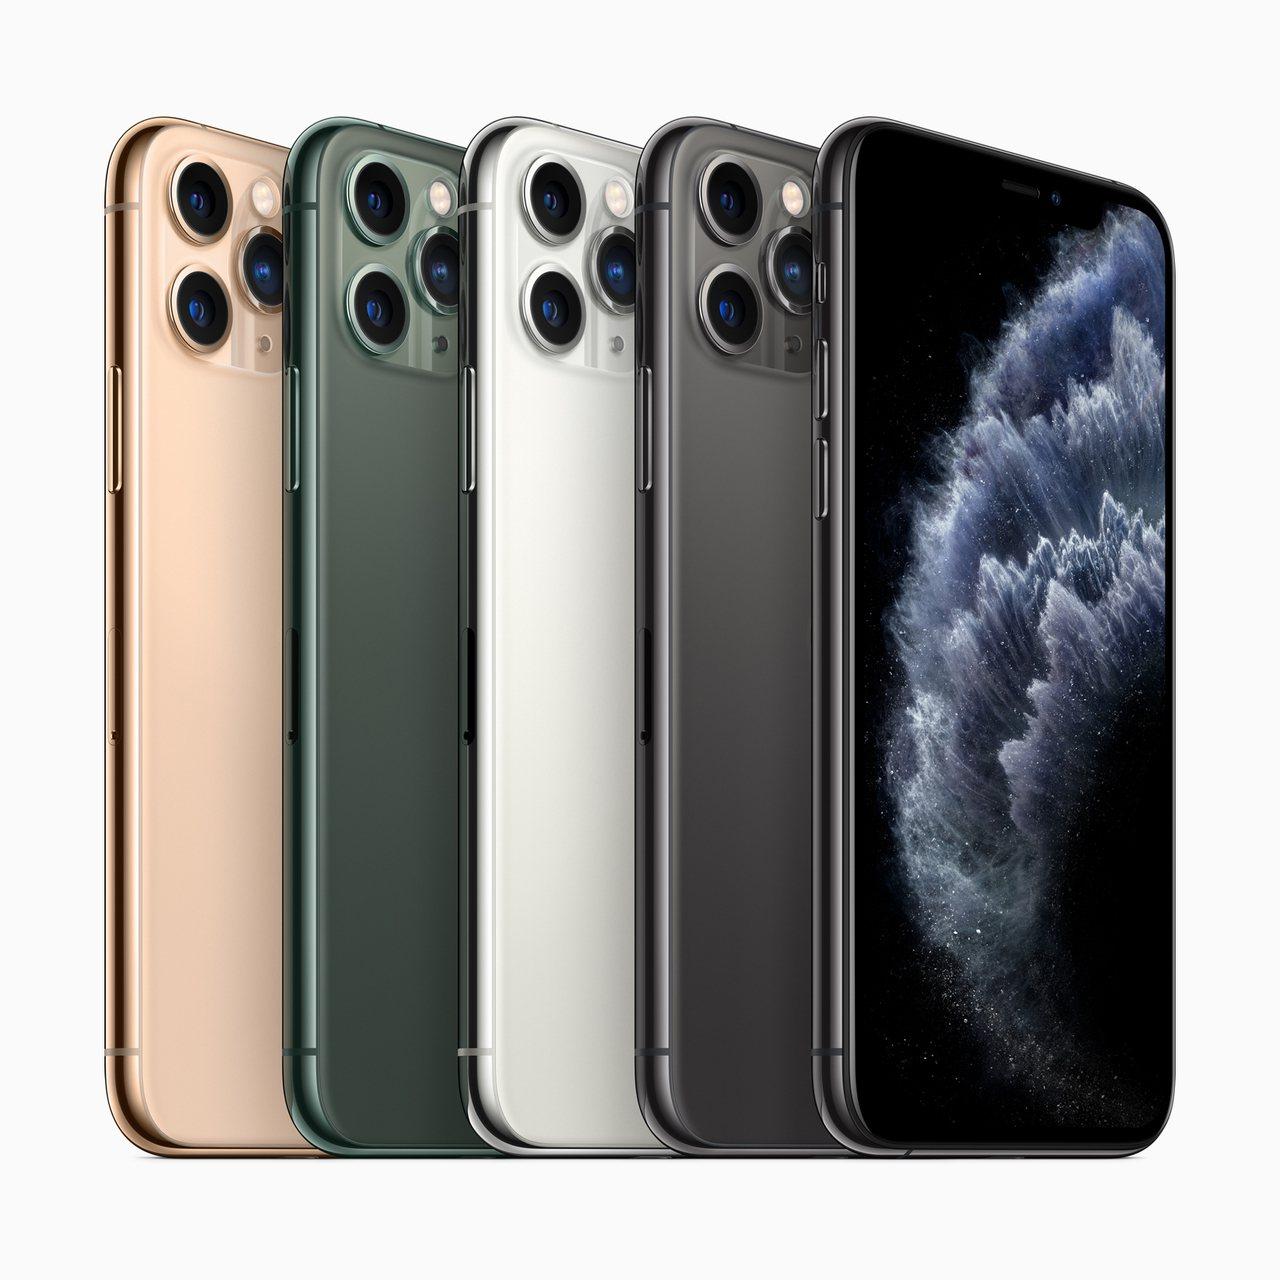 iPhone 11 Pro系列將於9月20日正式開賣,夜幕綠新色電信預約熱度破表...